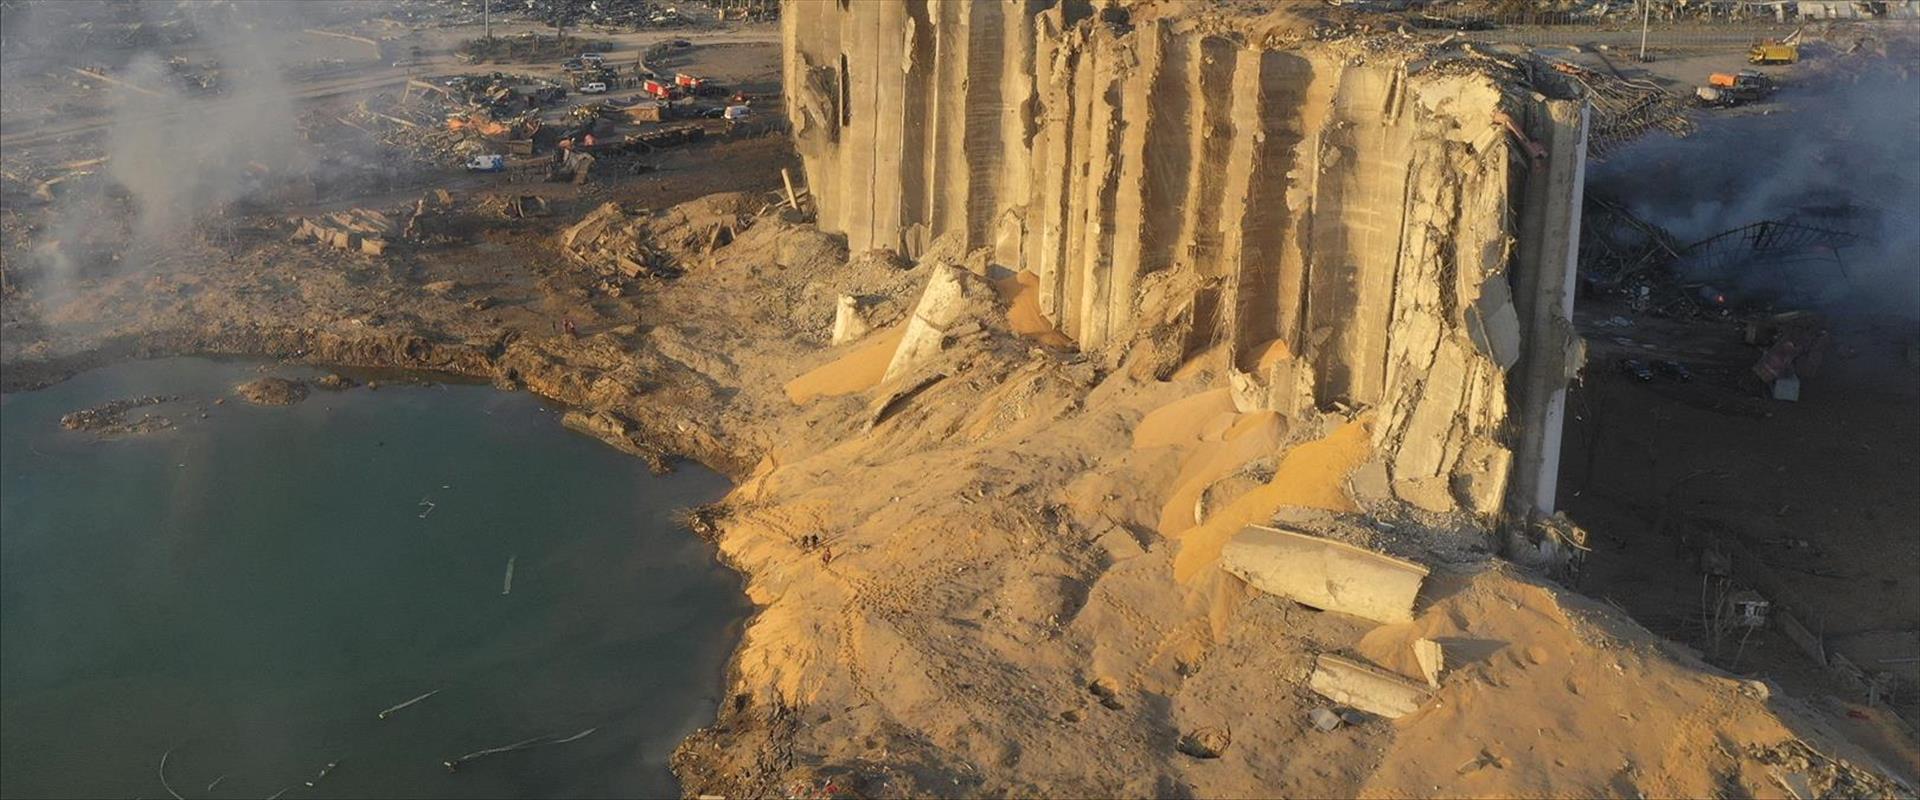 זירת האסון בנמל ביירות, אתמול